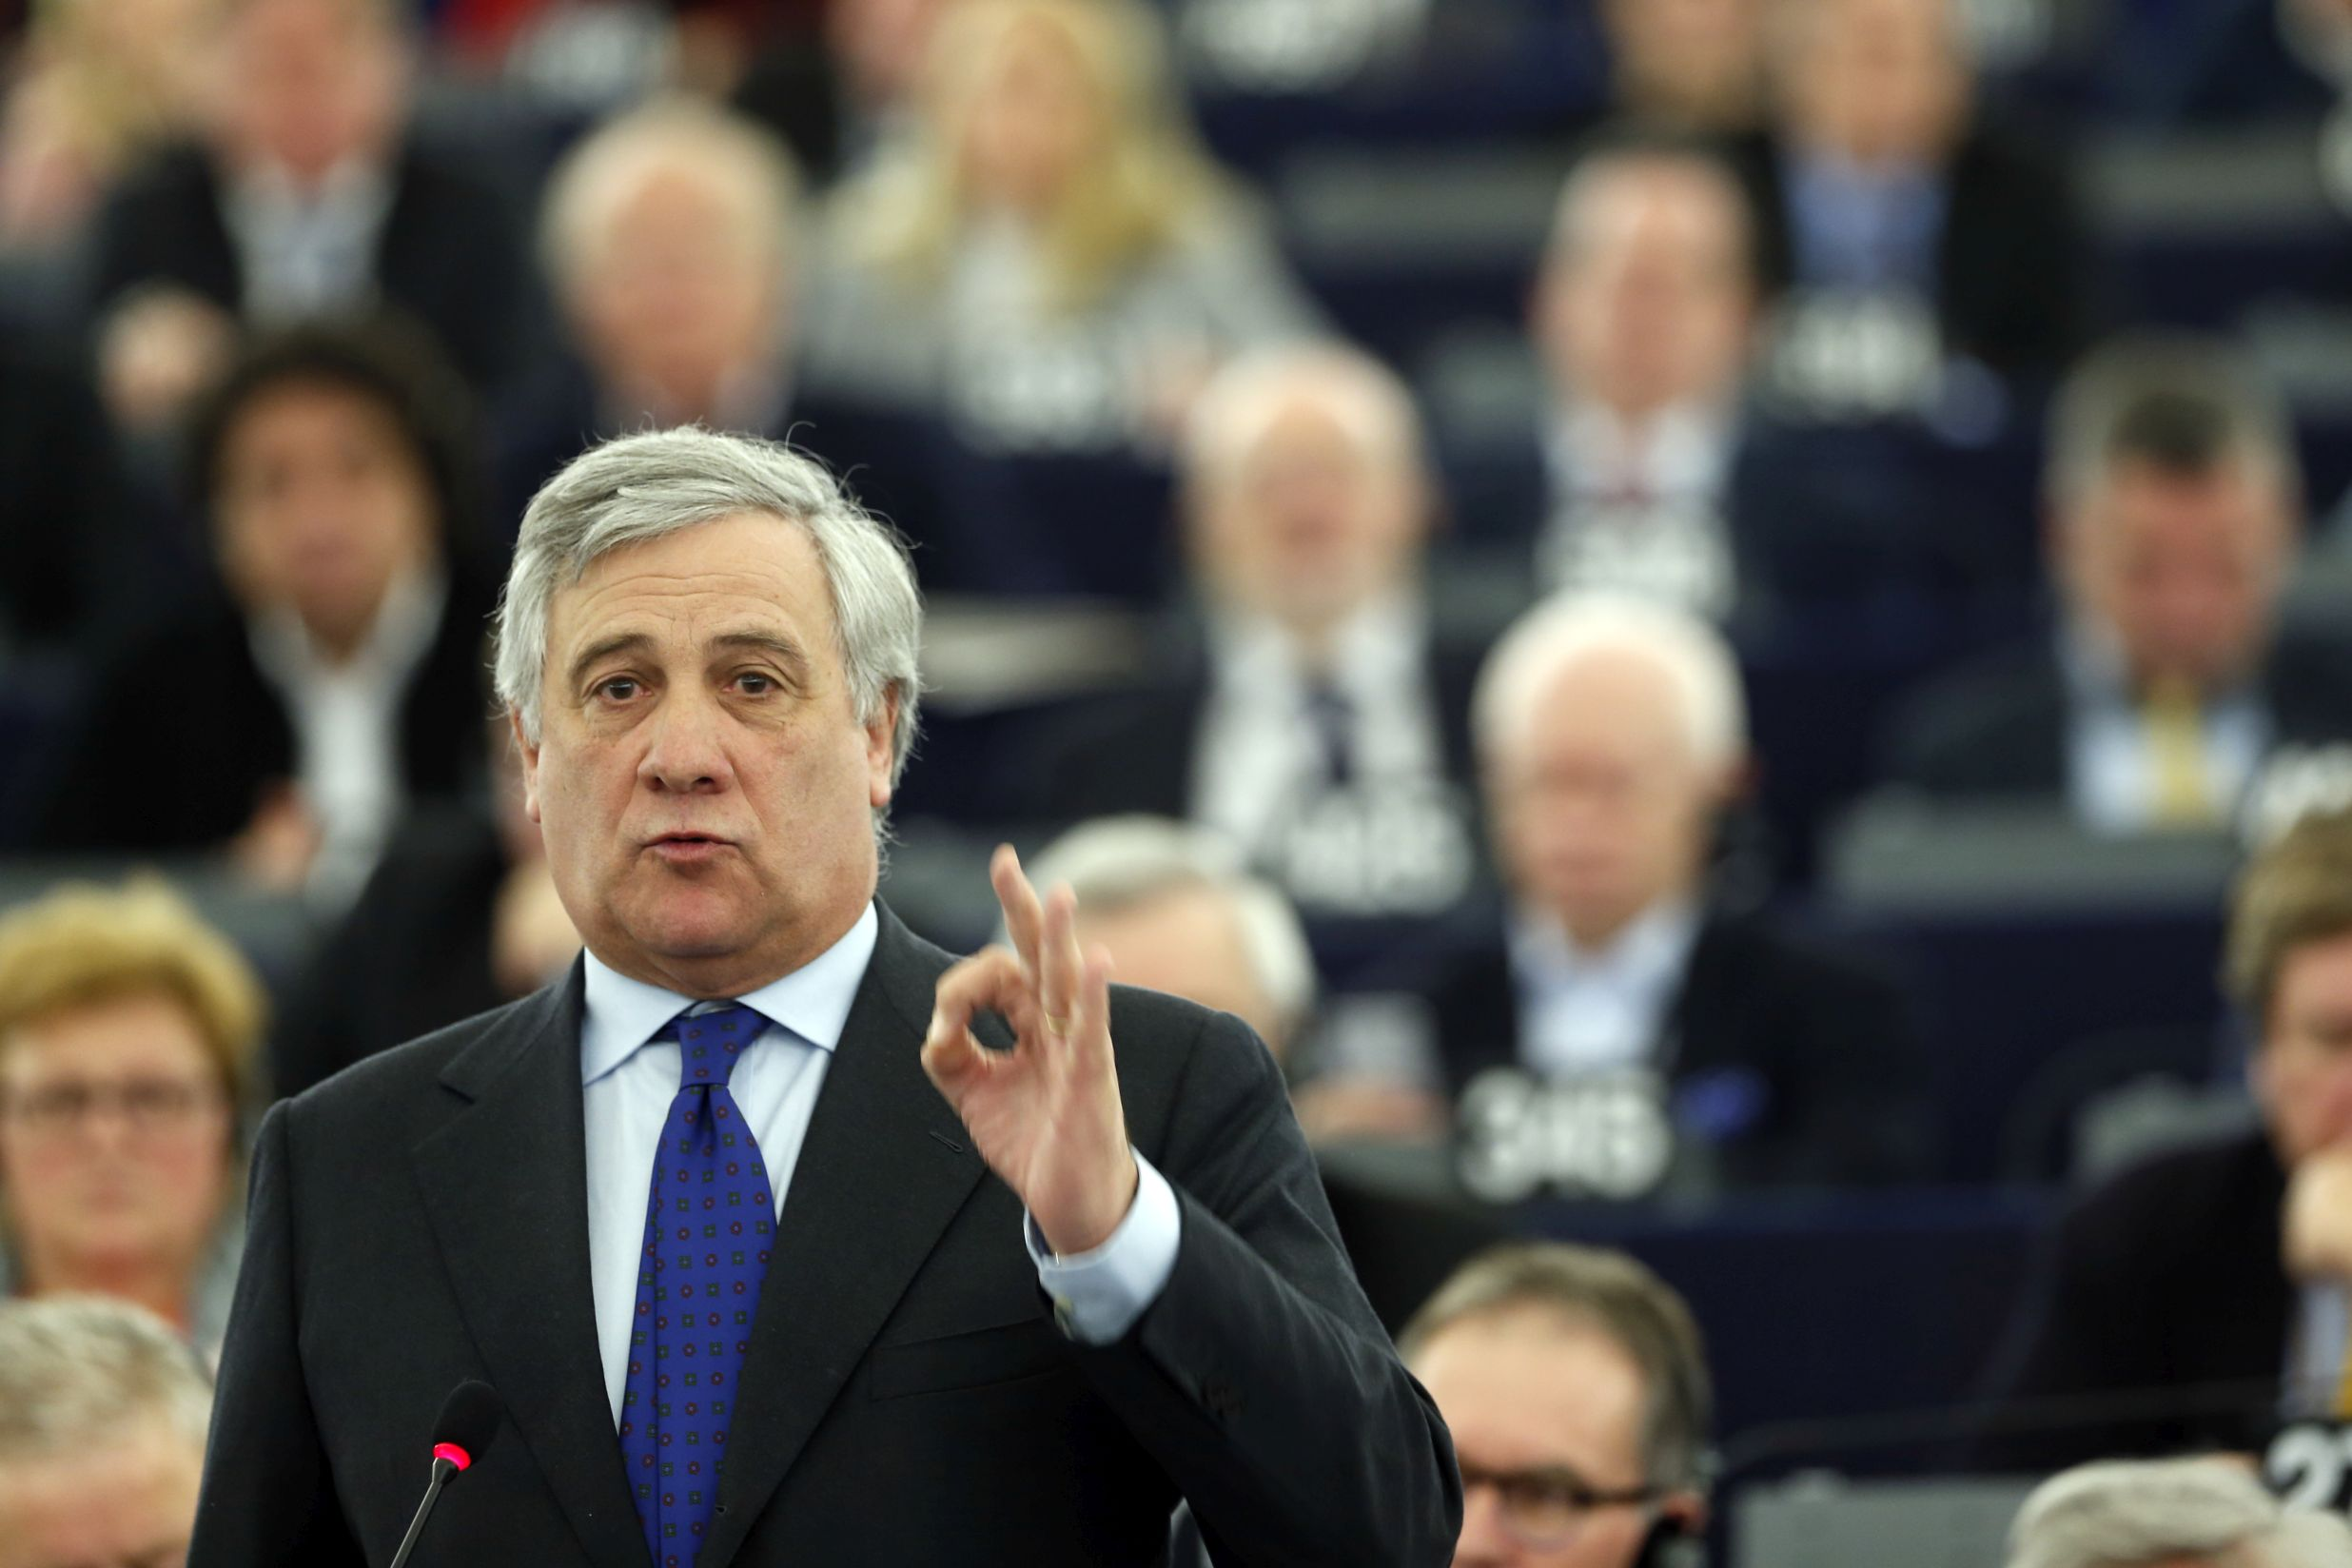 ЕП подкрепя за шеф на ЕК само някои от водещите кандидати, обяви Таяни